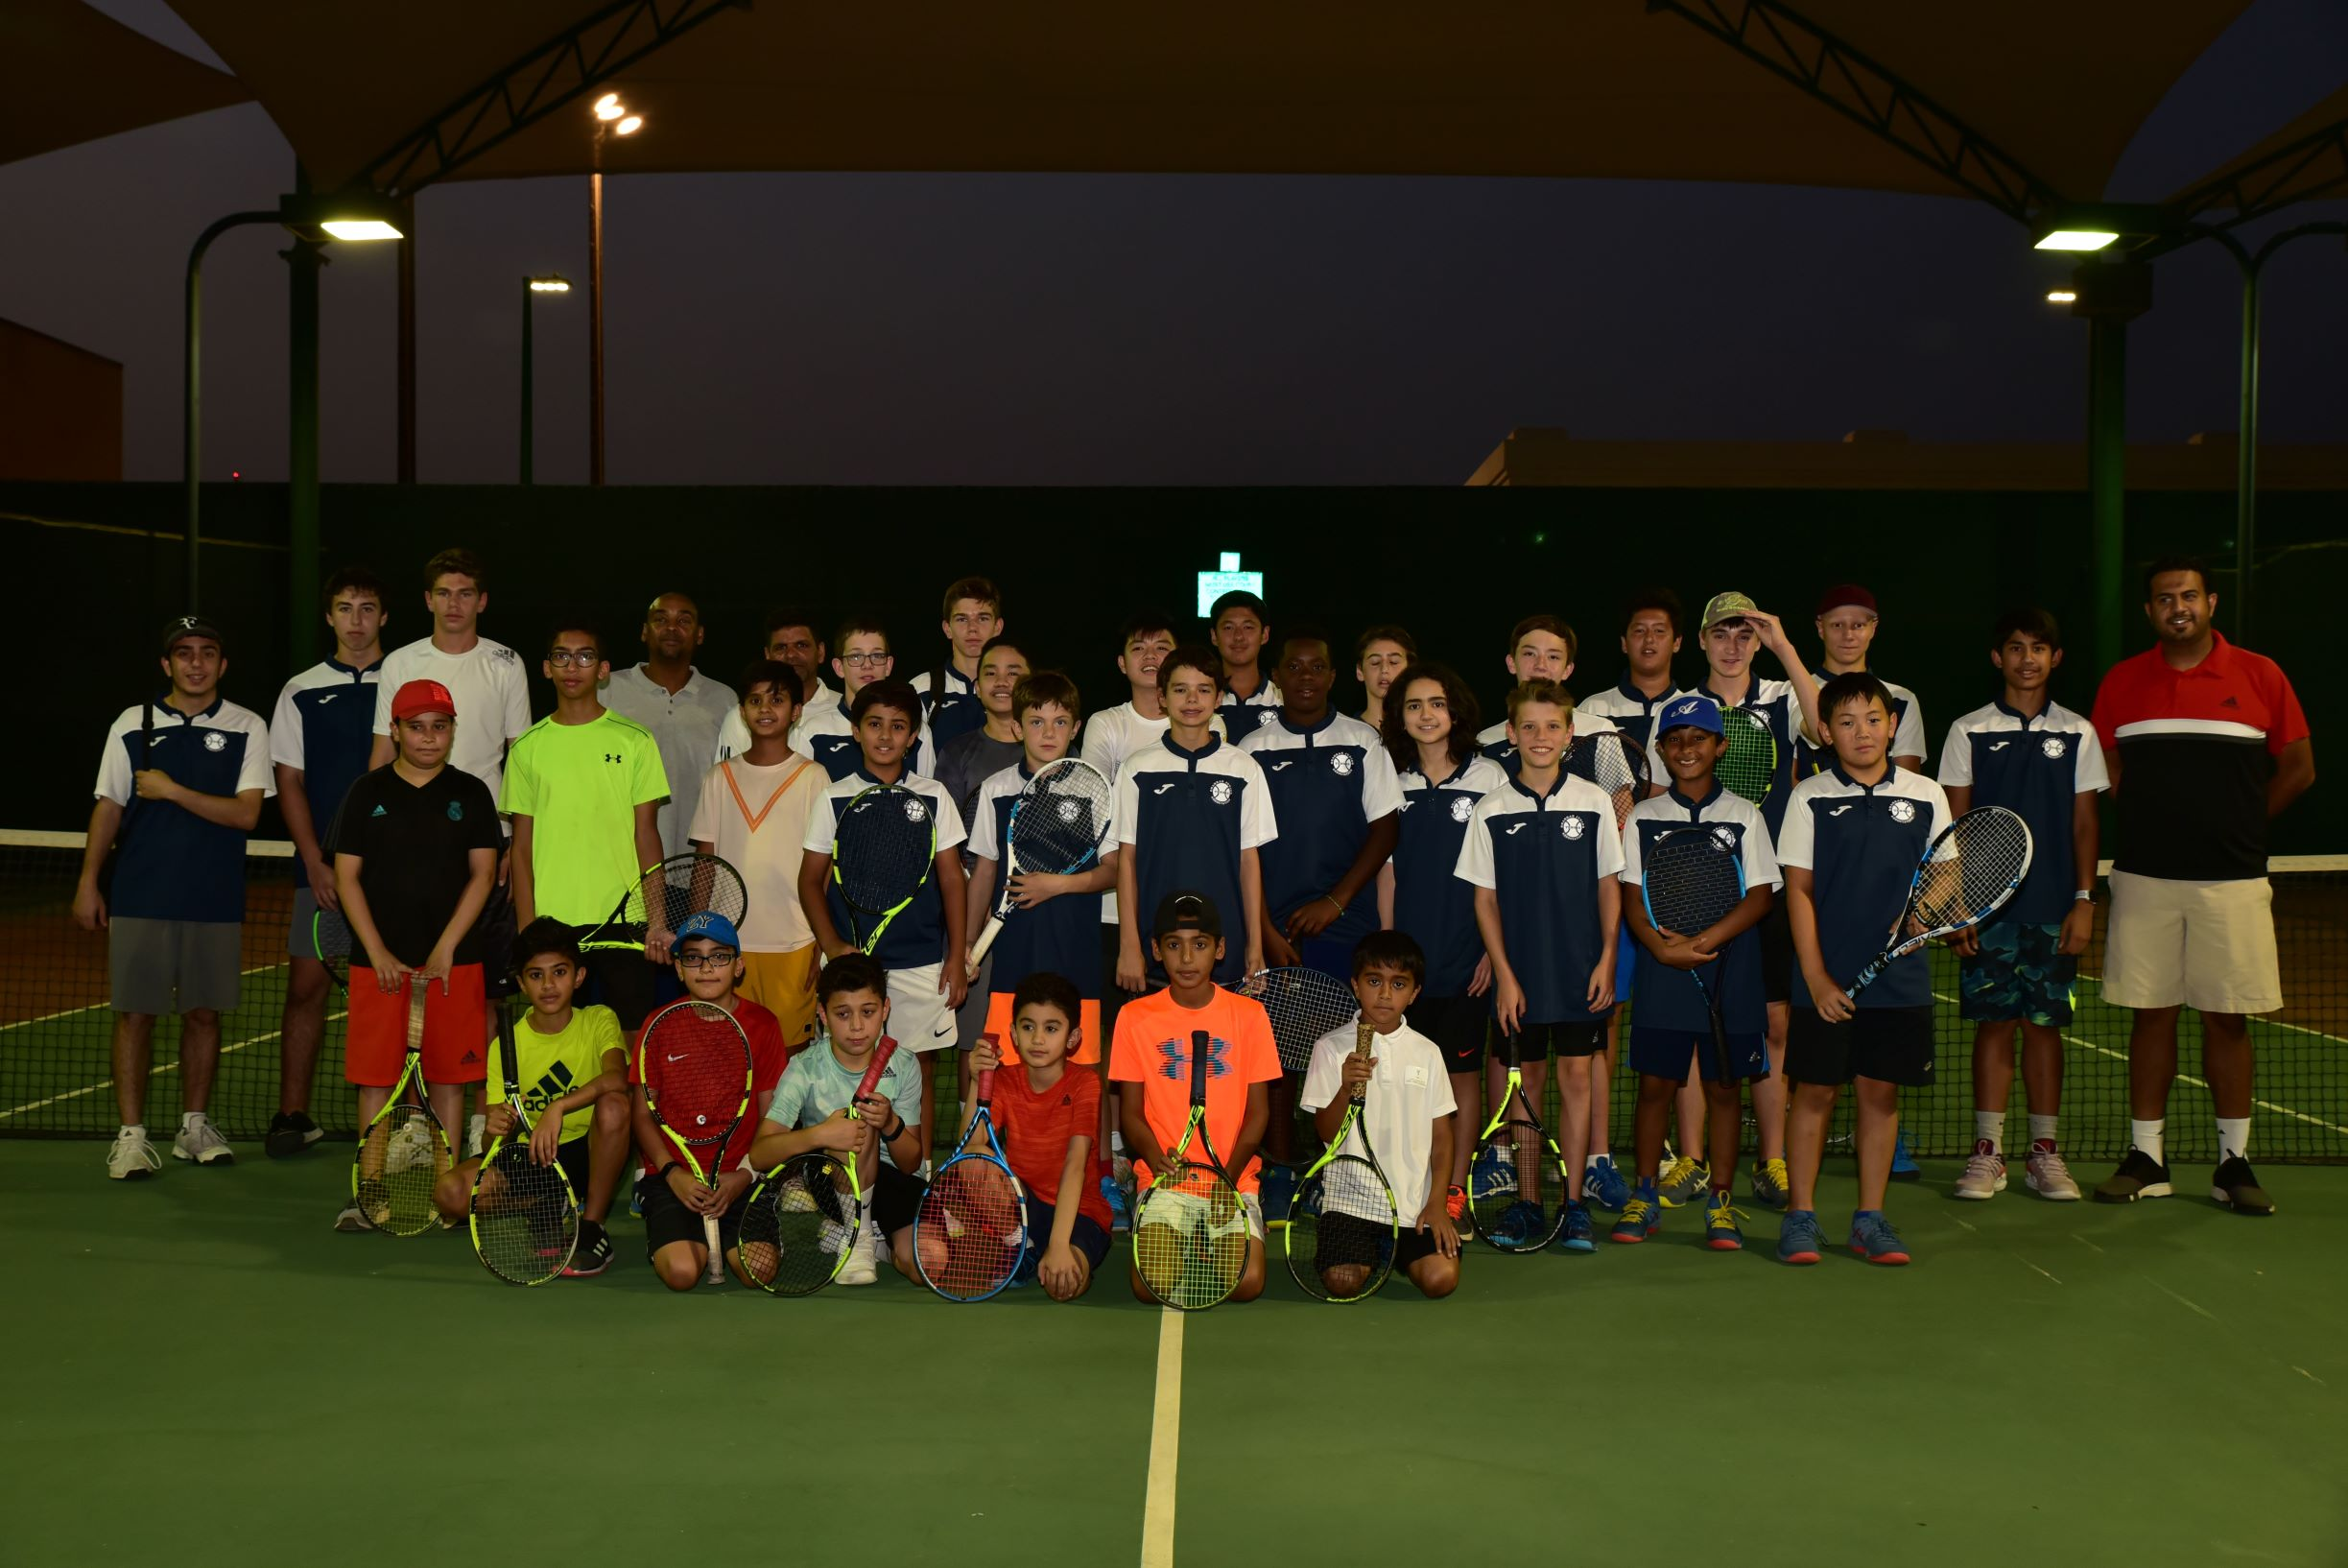 Dhahran Junior Tennis Association